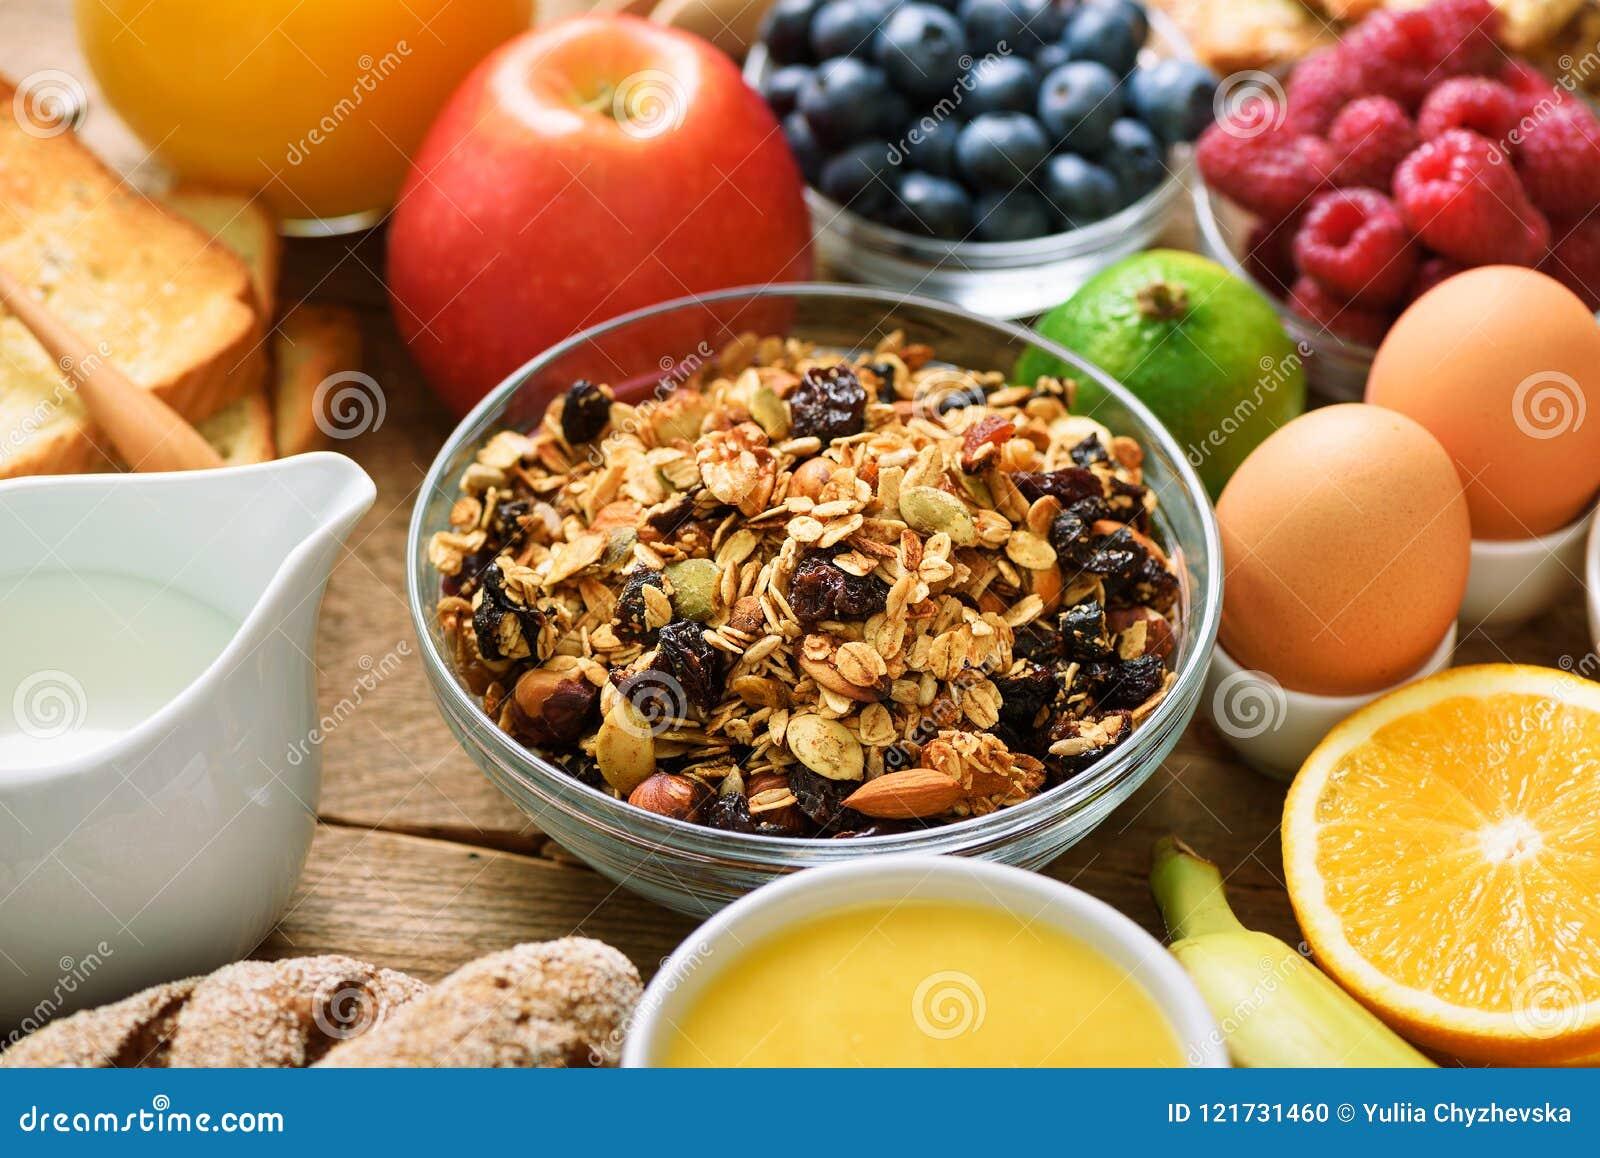 Healthy breakfast ingredients, food frame. Granola, egg, nuts, fruits, berries, toast, milk, yogurt, orange juice